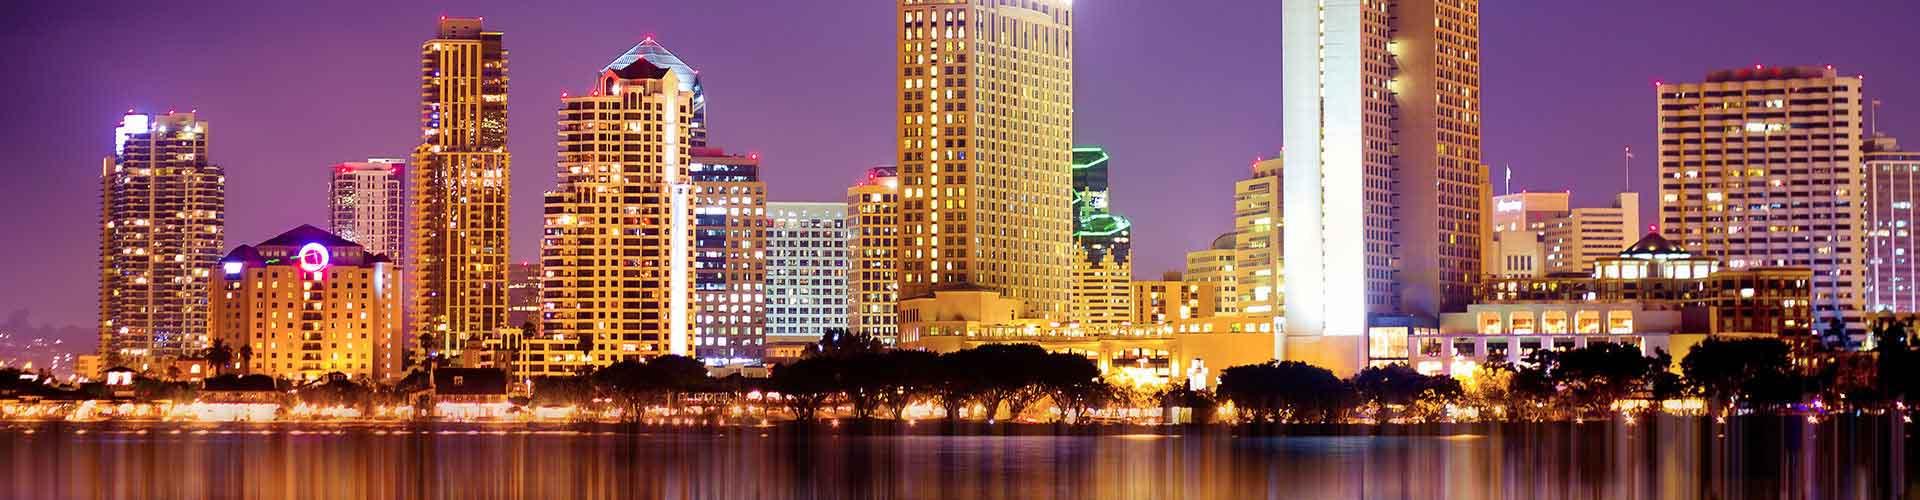 San Diego - Hostele w mieście: San Diego, Mapy: San Diego, Zdjęcia i Recenzje dla każdego hostelu w mieście San Diego.